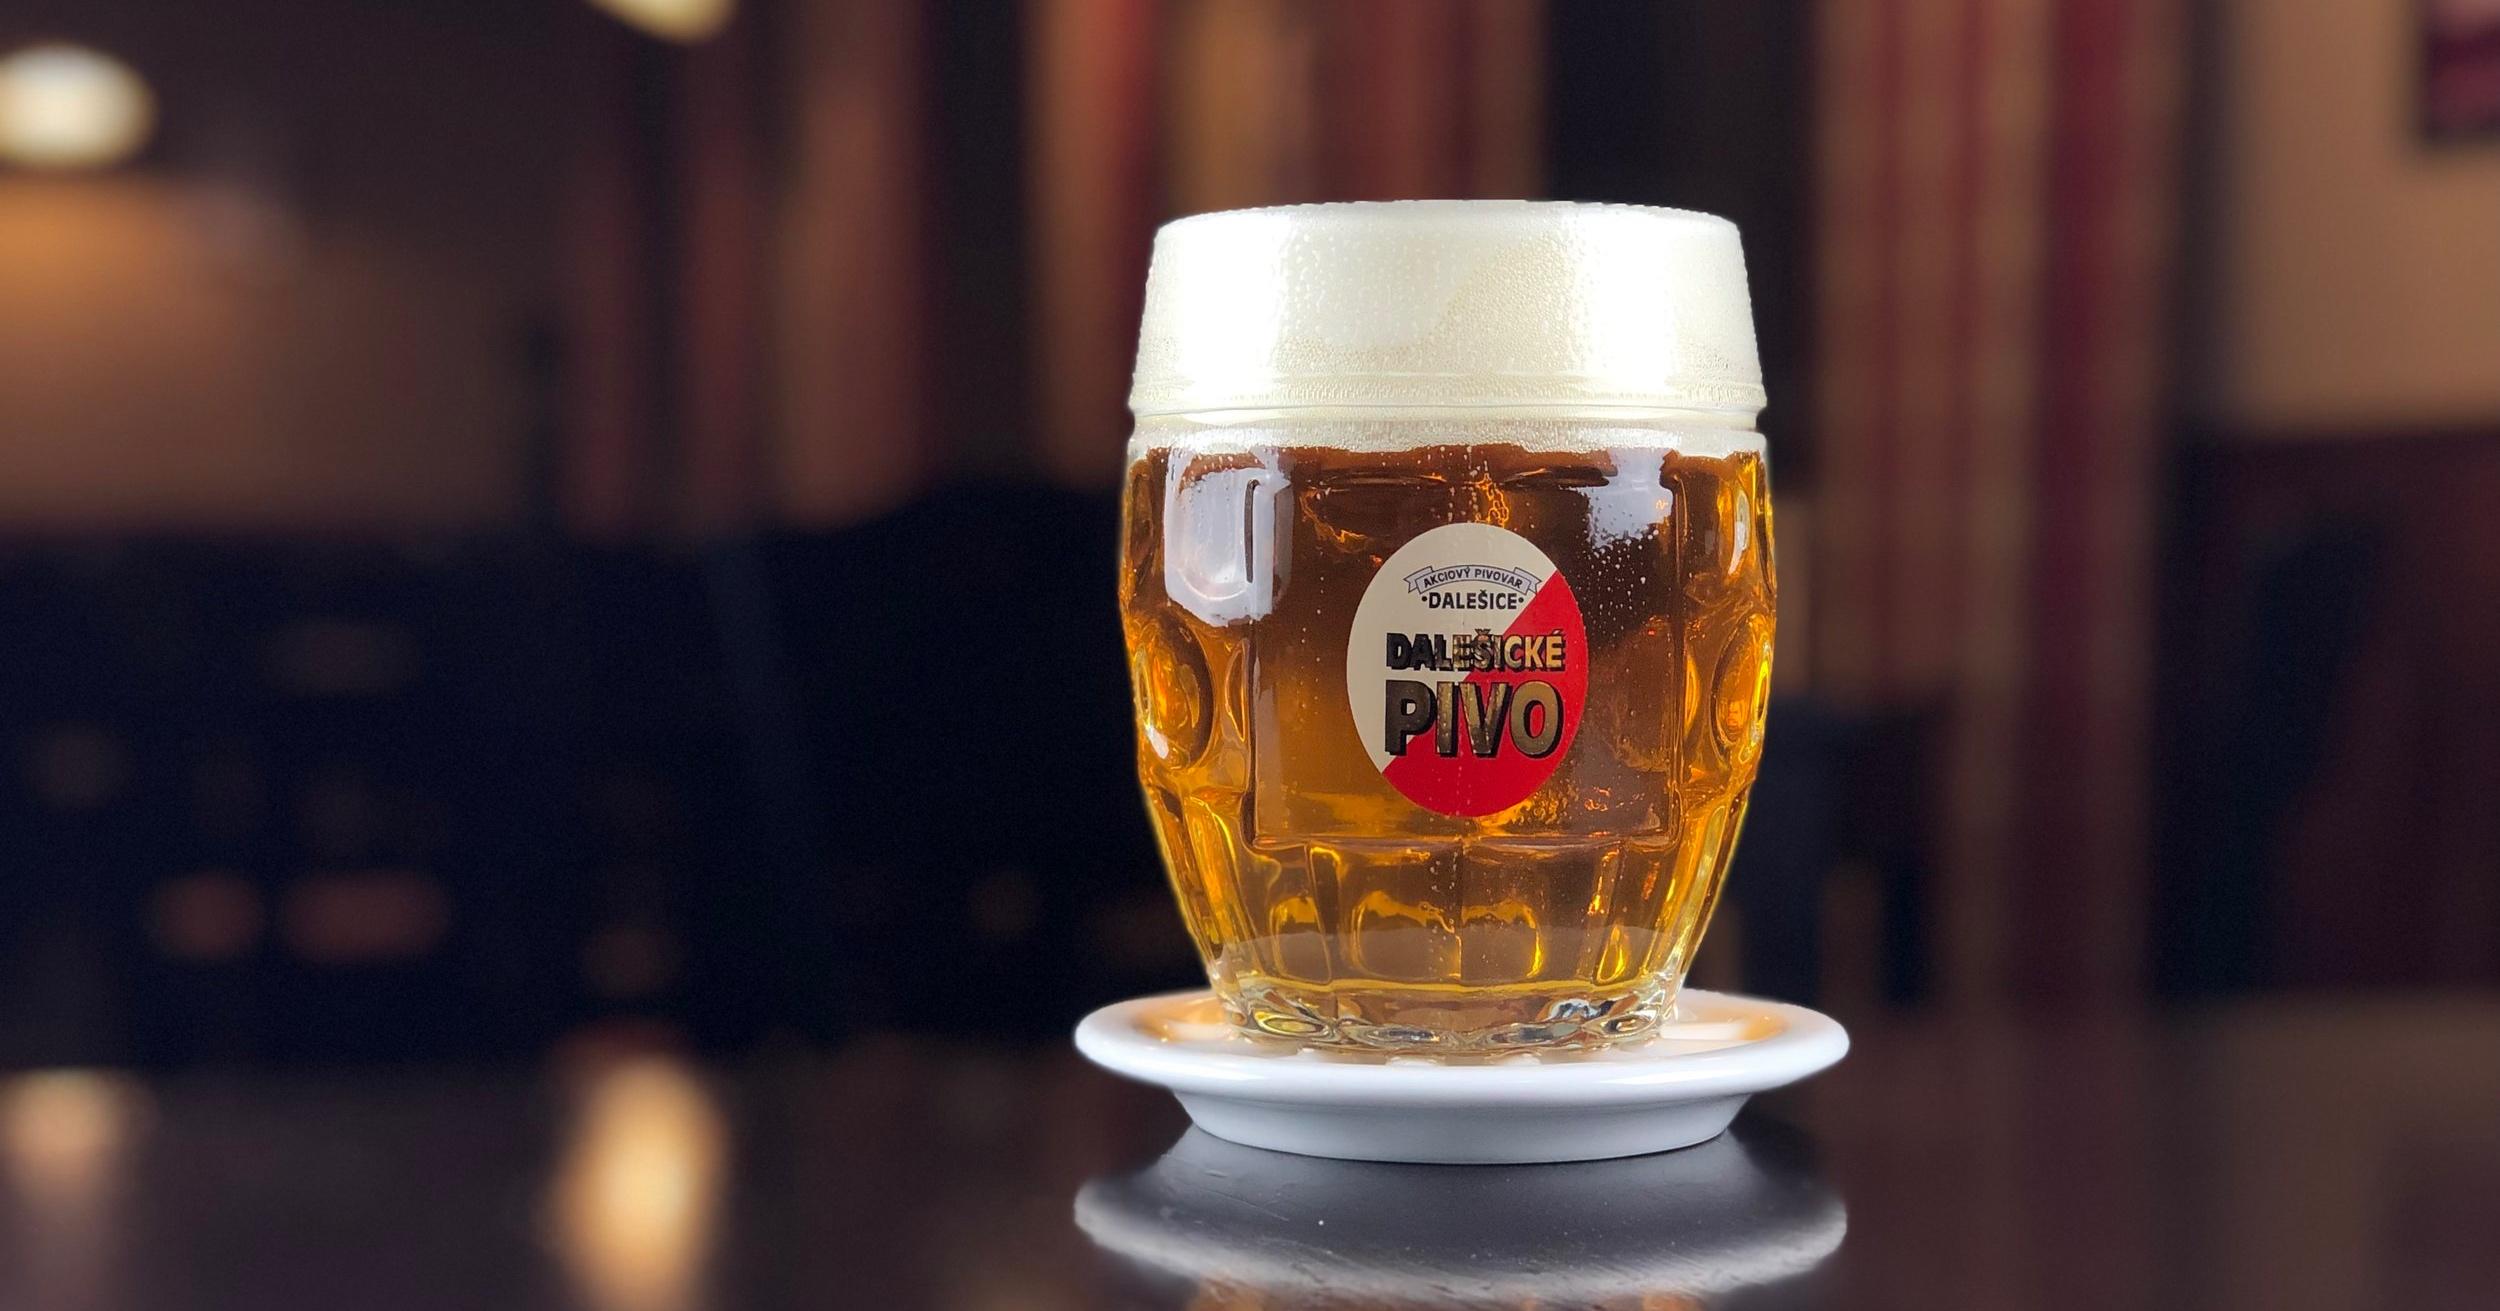 DNES NA ČEPU - Osvald 10%, světlé výčepní pivoDalešická 11%, světlý ležákMájová 13%, světlý speciál- absolutní vítěz soutěže Pivo ČR 2019Fledermaus 13%, tmavý speciál